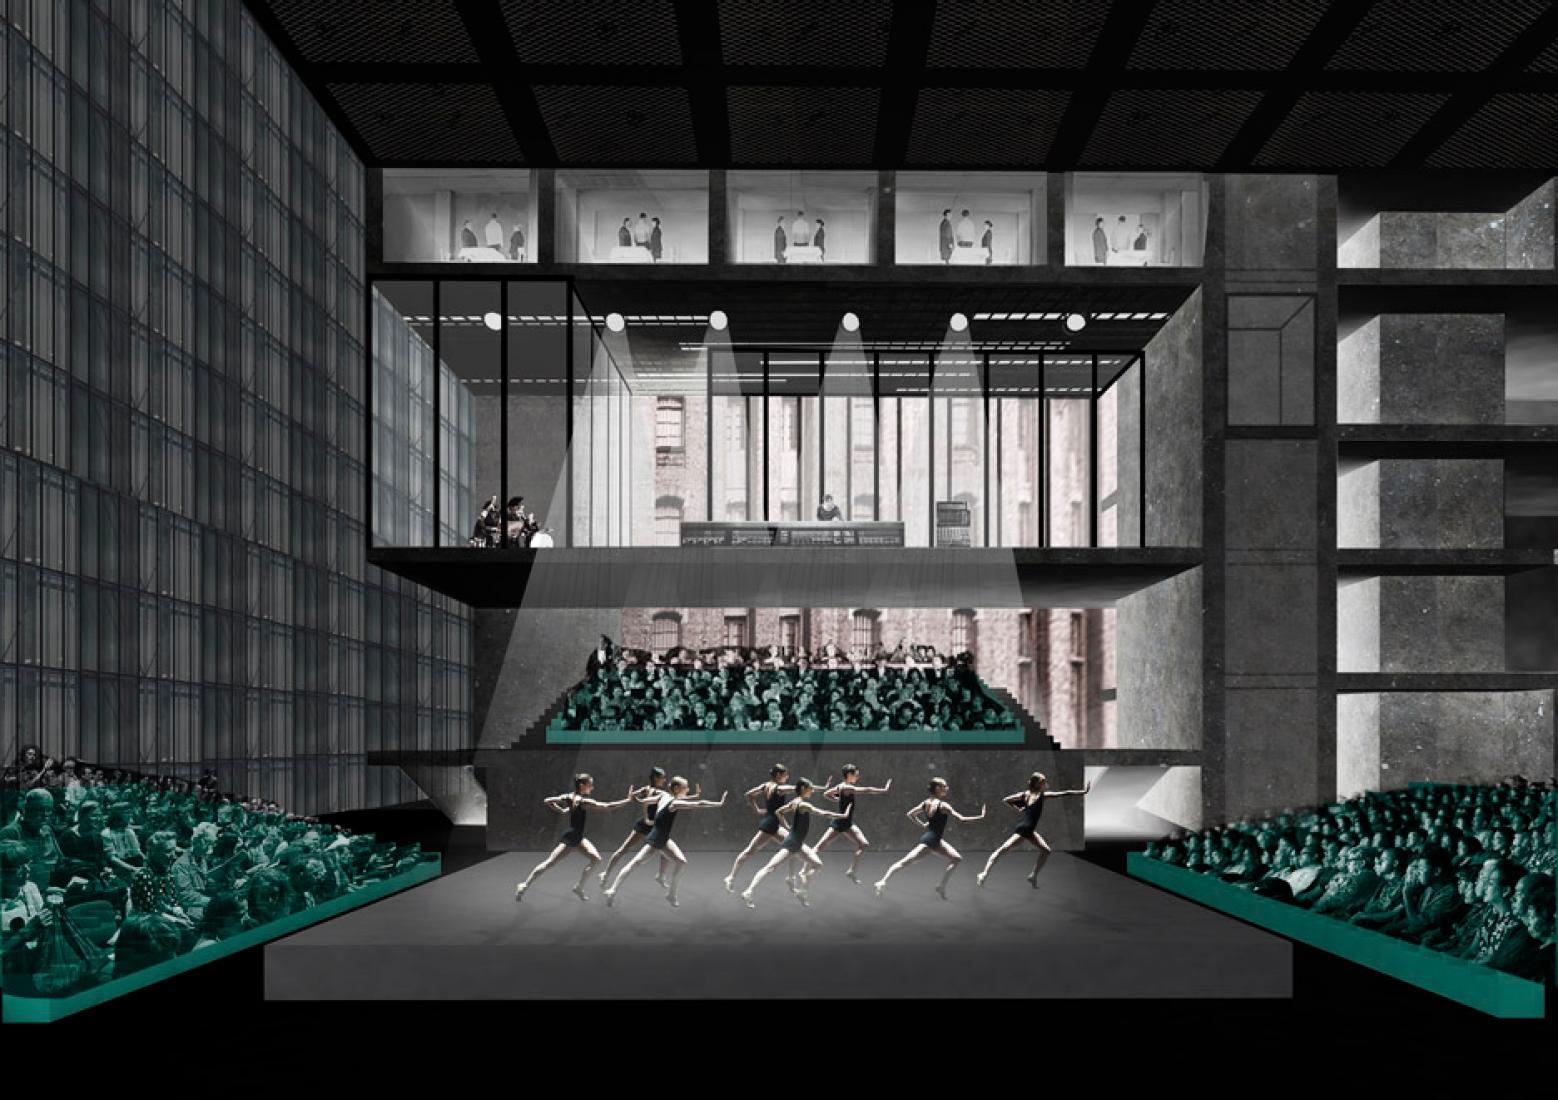 The Factory, nuevo complejo cultural y de las artes en Manchester. Propuesta de OMA para 'The Factory'. Imagen © OMA.